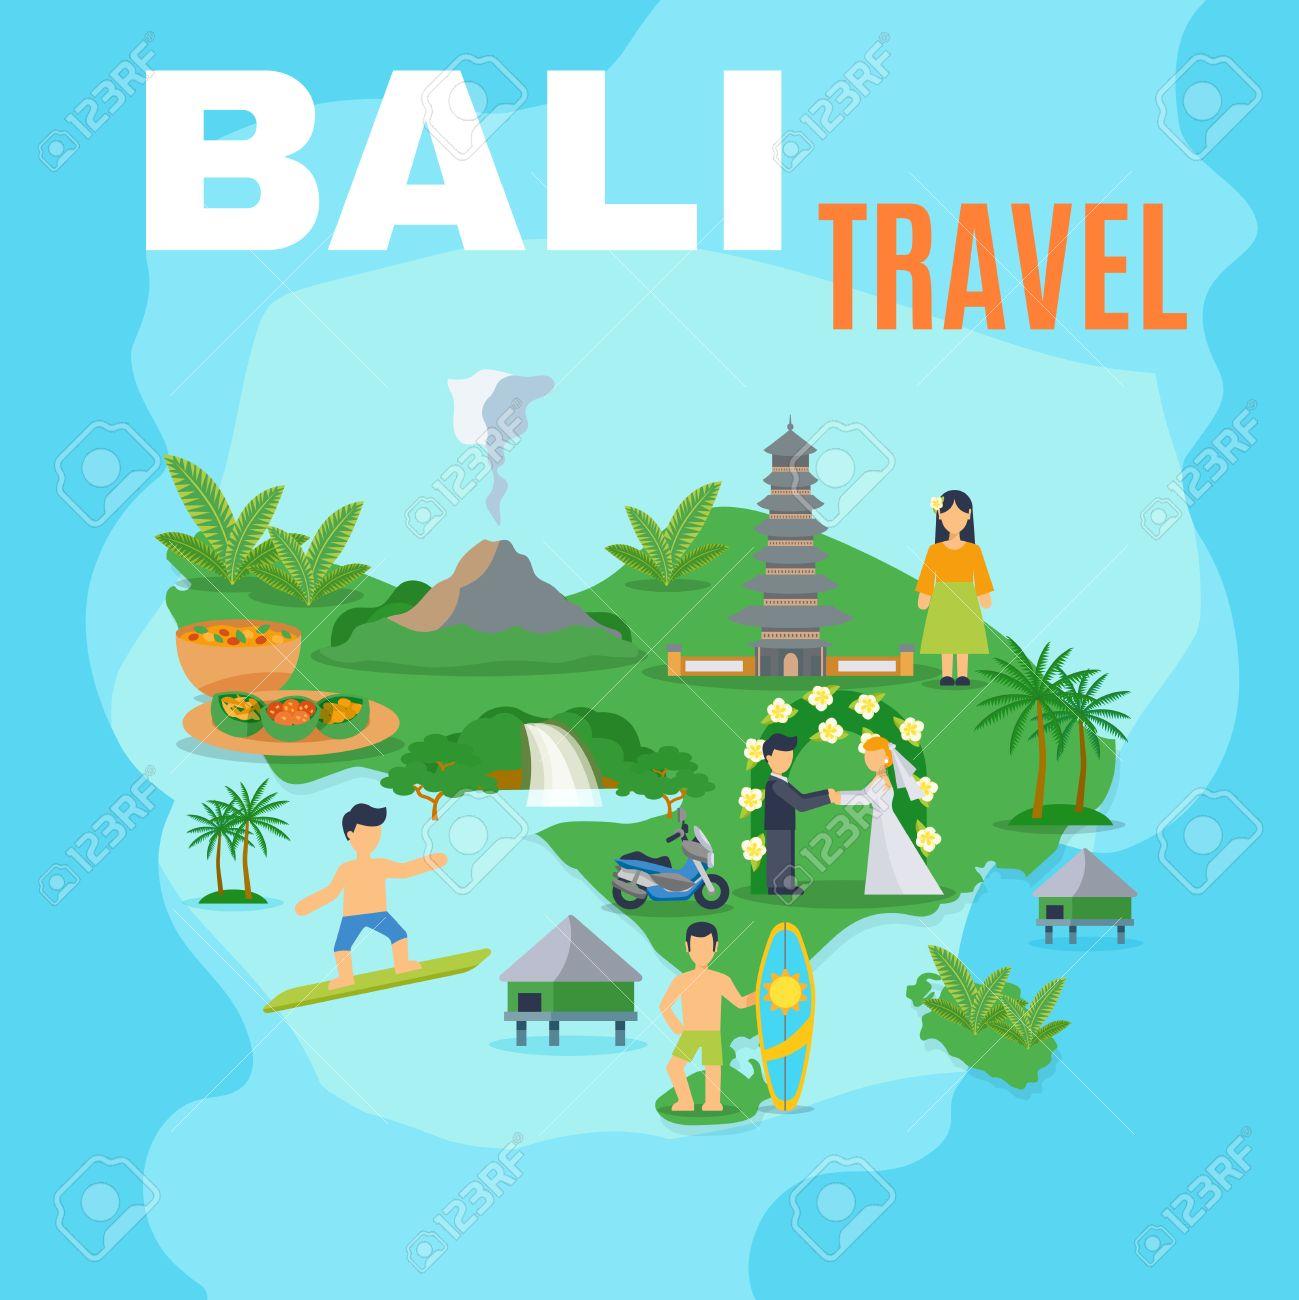 Carte Bali Mer.Fond De Carte Bali Voyage Ile Verte Sur La Mer Bleue Avec Des Photos De Lieux Touristiques Illustration Vectorielle